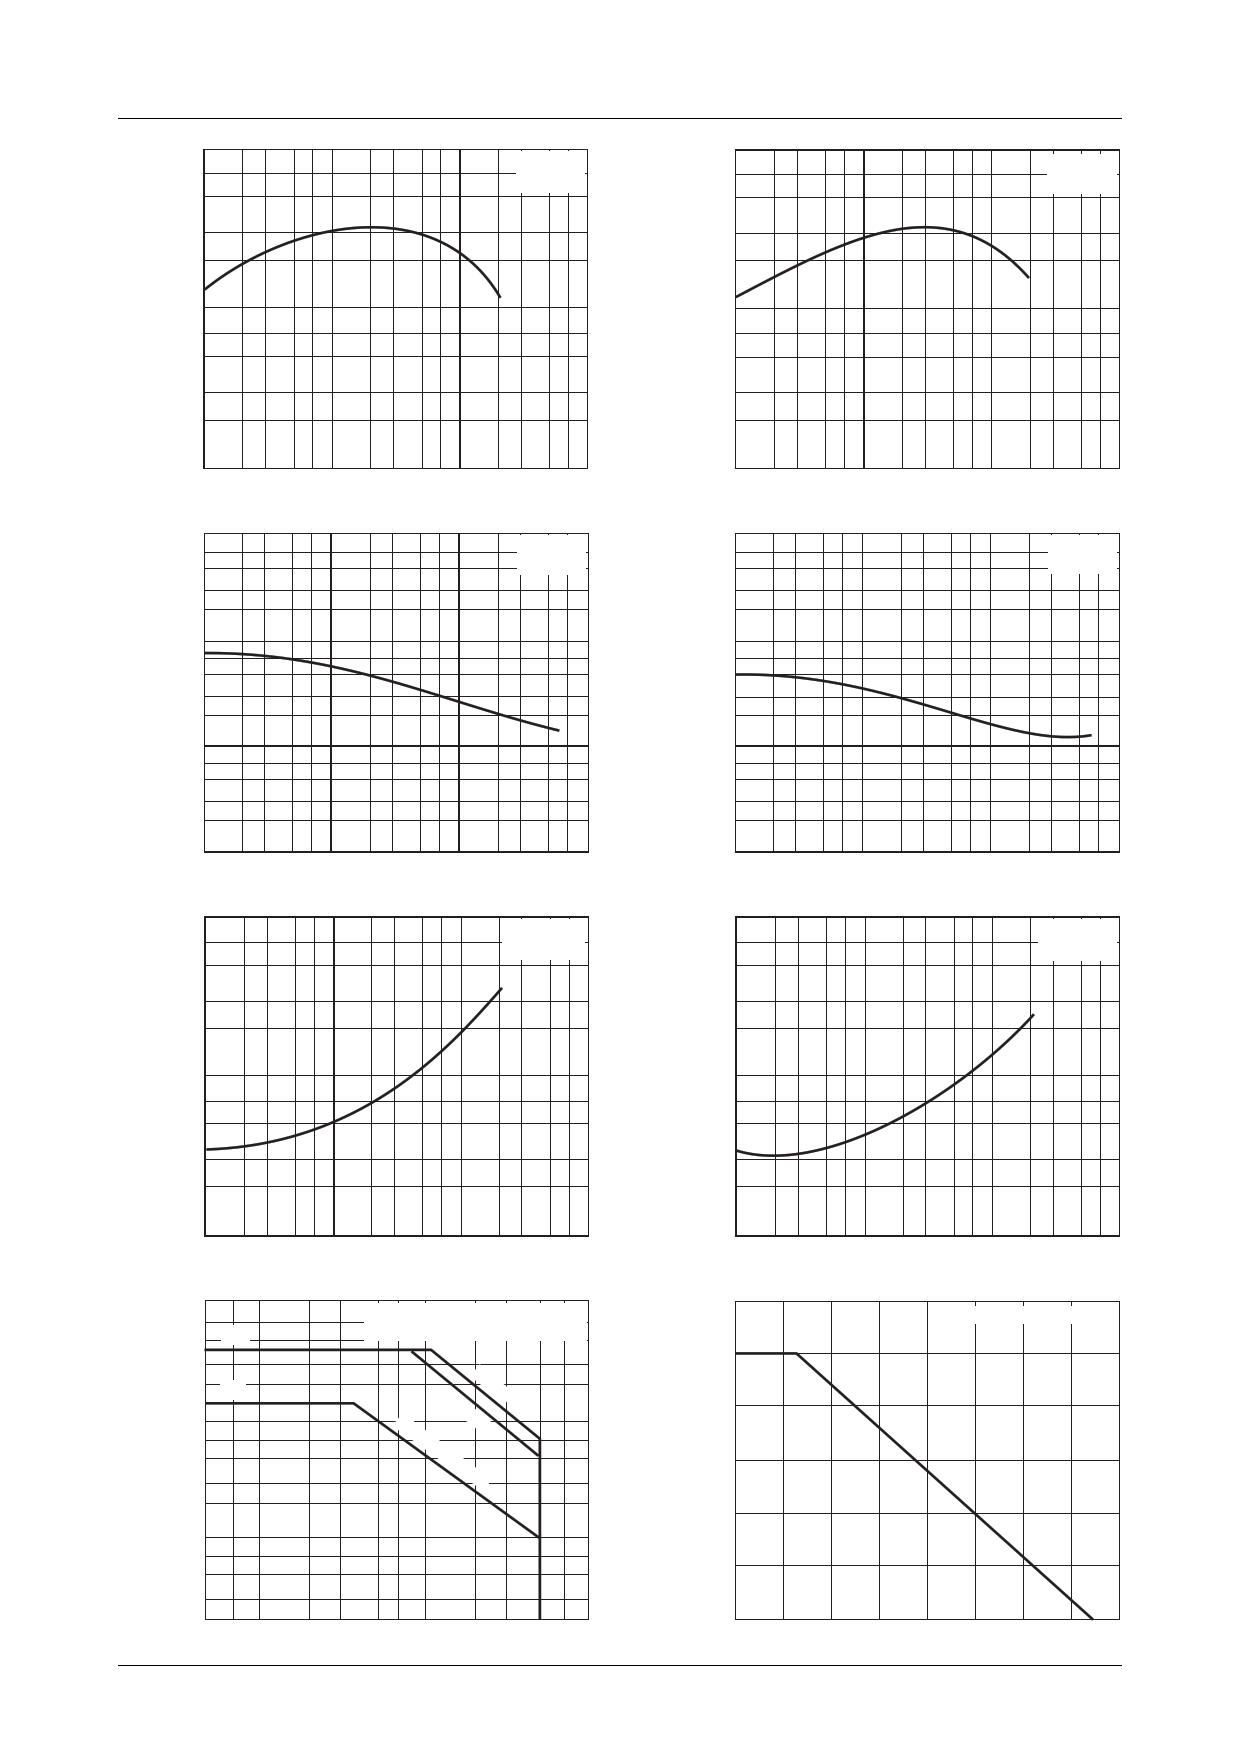 2SA608 pdf, ピン配列